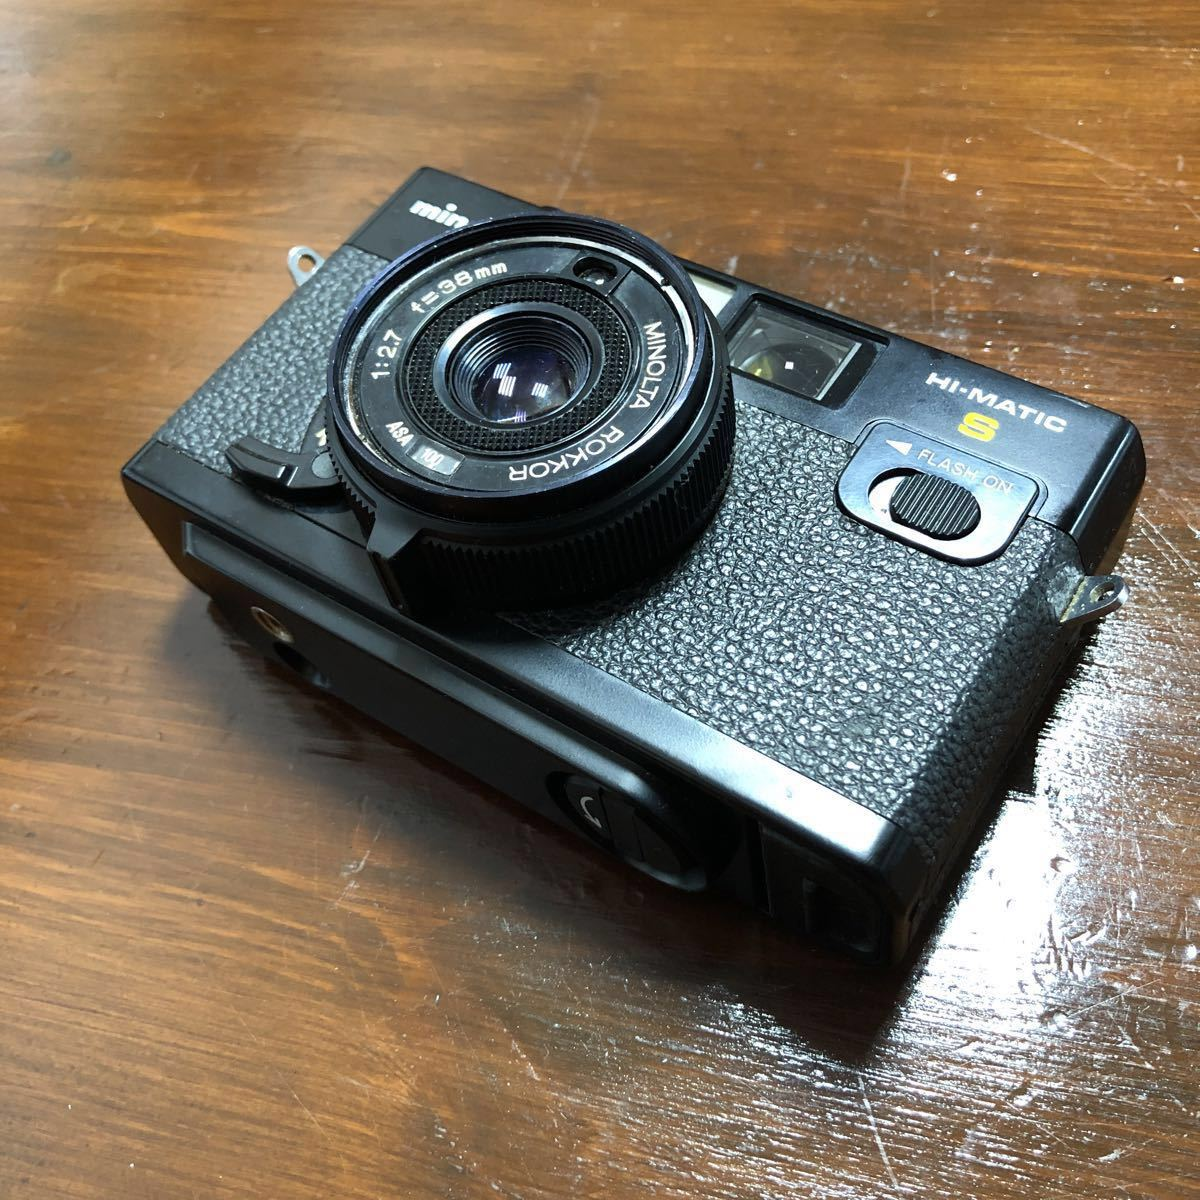 レトロ Minolta ミノルタ HI-MATIC F ブラック 黒 ROKKOR 1:2.7 f=38mm フィルムカメラ 現状品